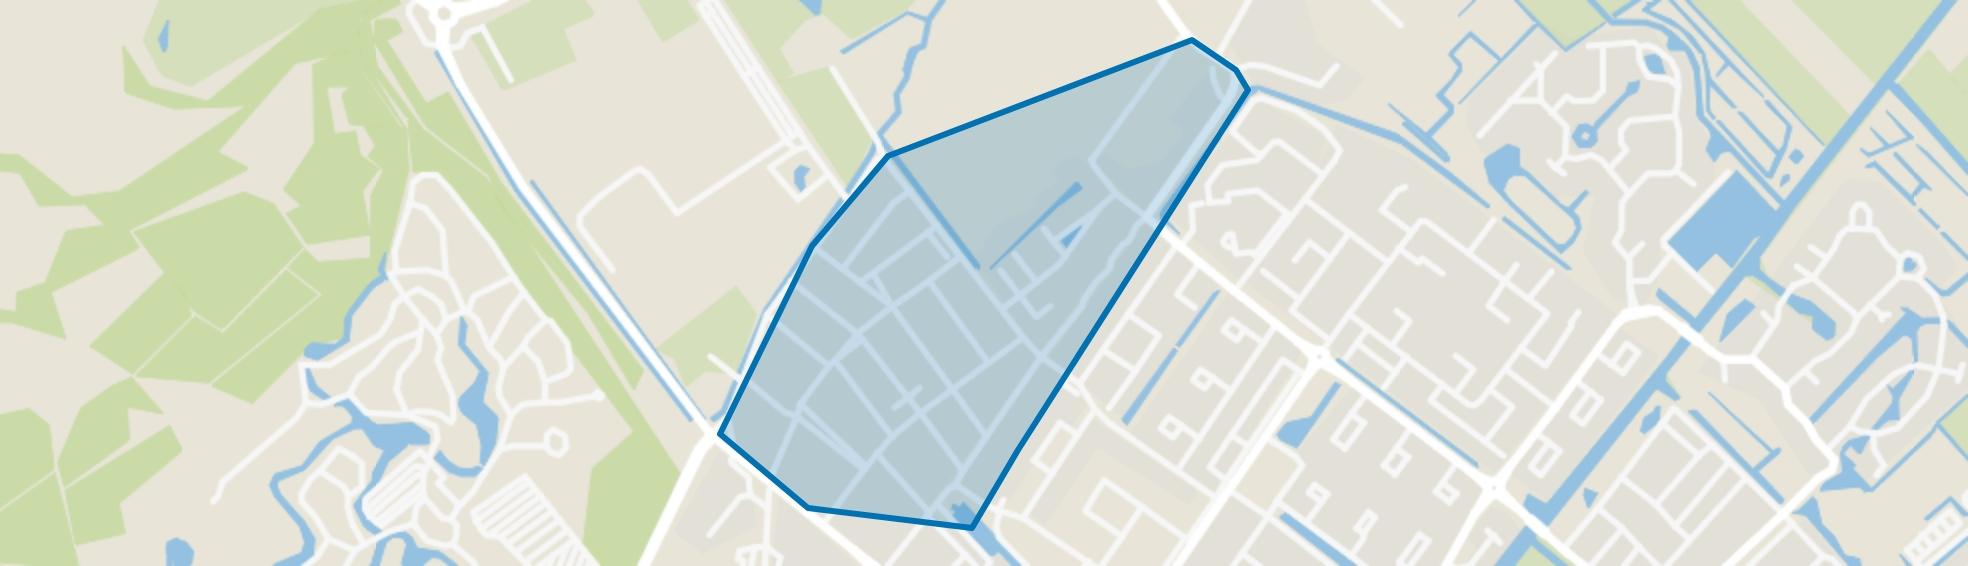 Oostdorp, Wassenaar map